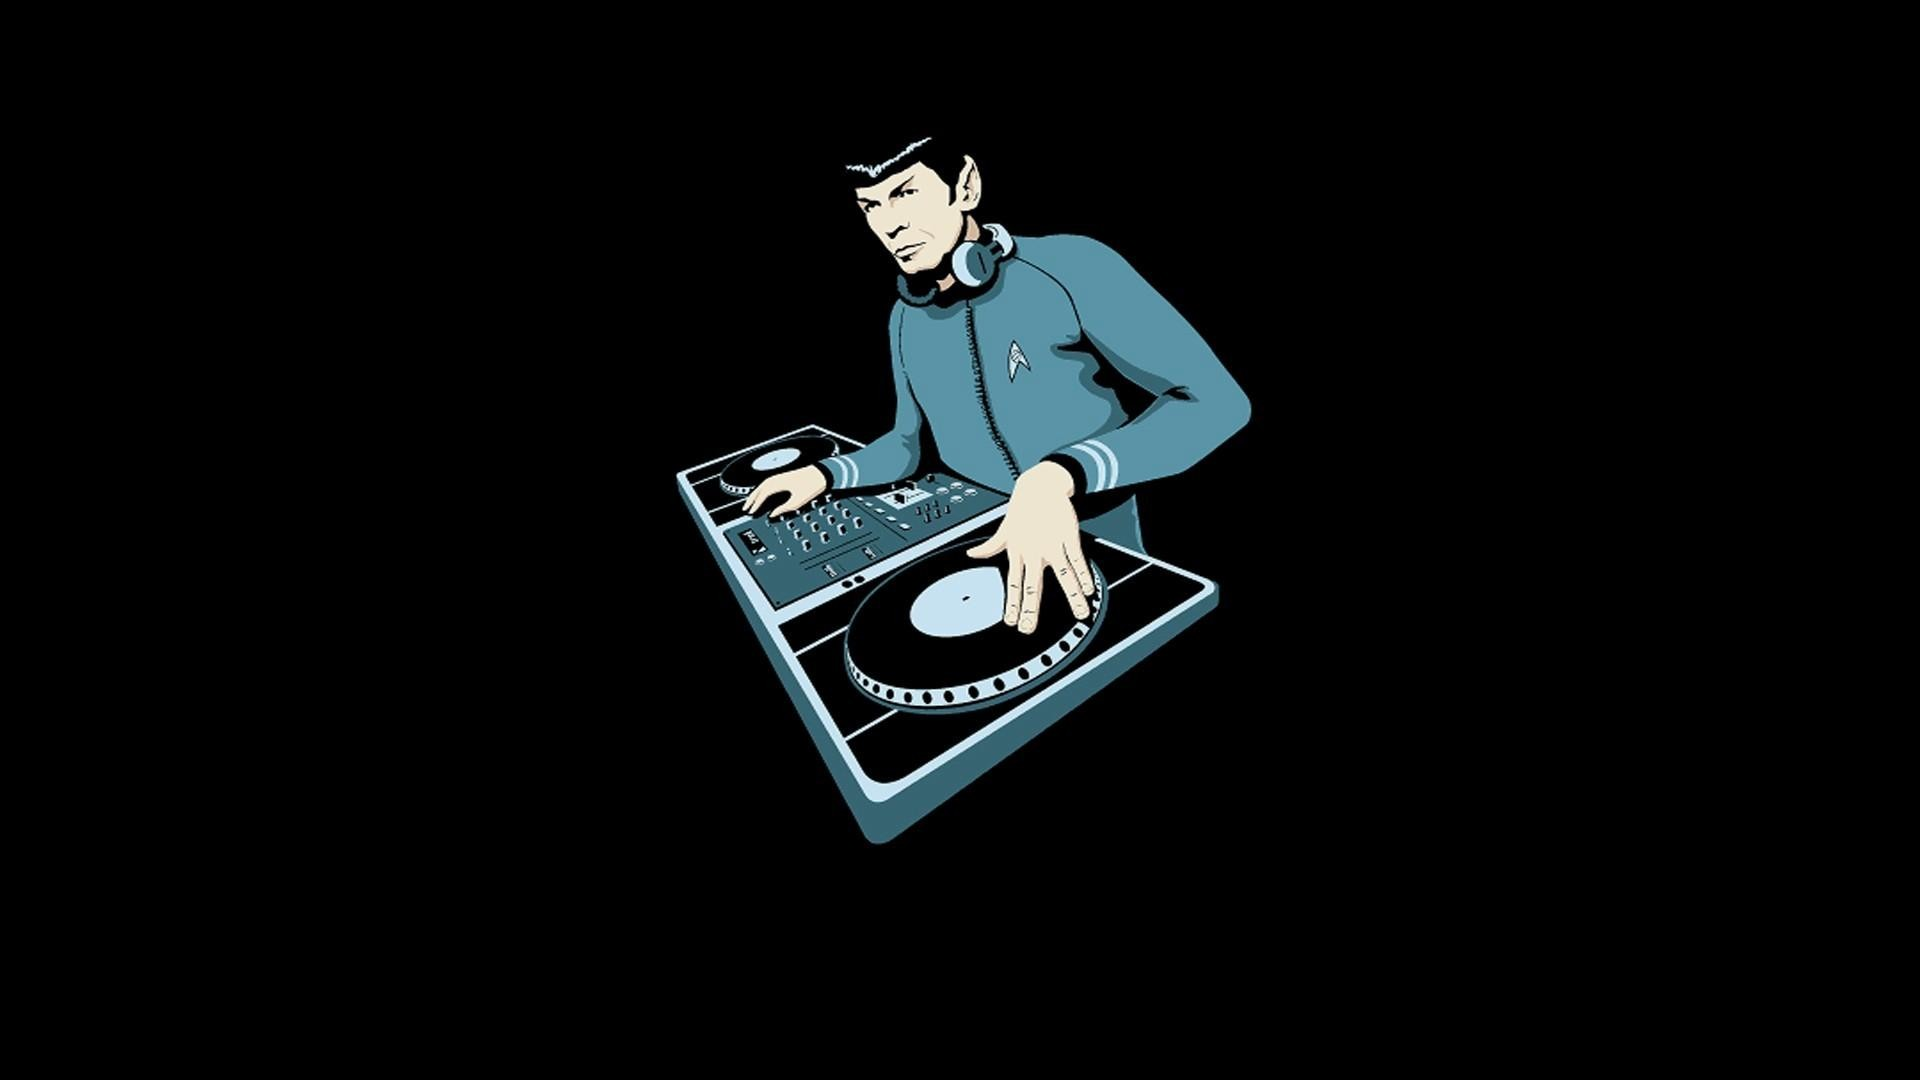 Star-Trek-Mobile-Sdeer-wallpaper-wp40012075